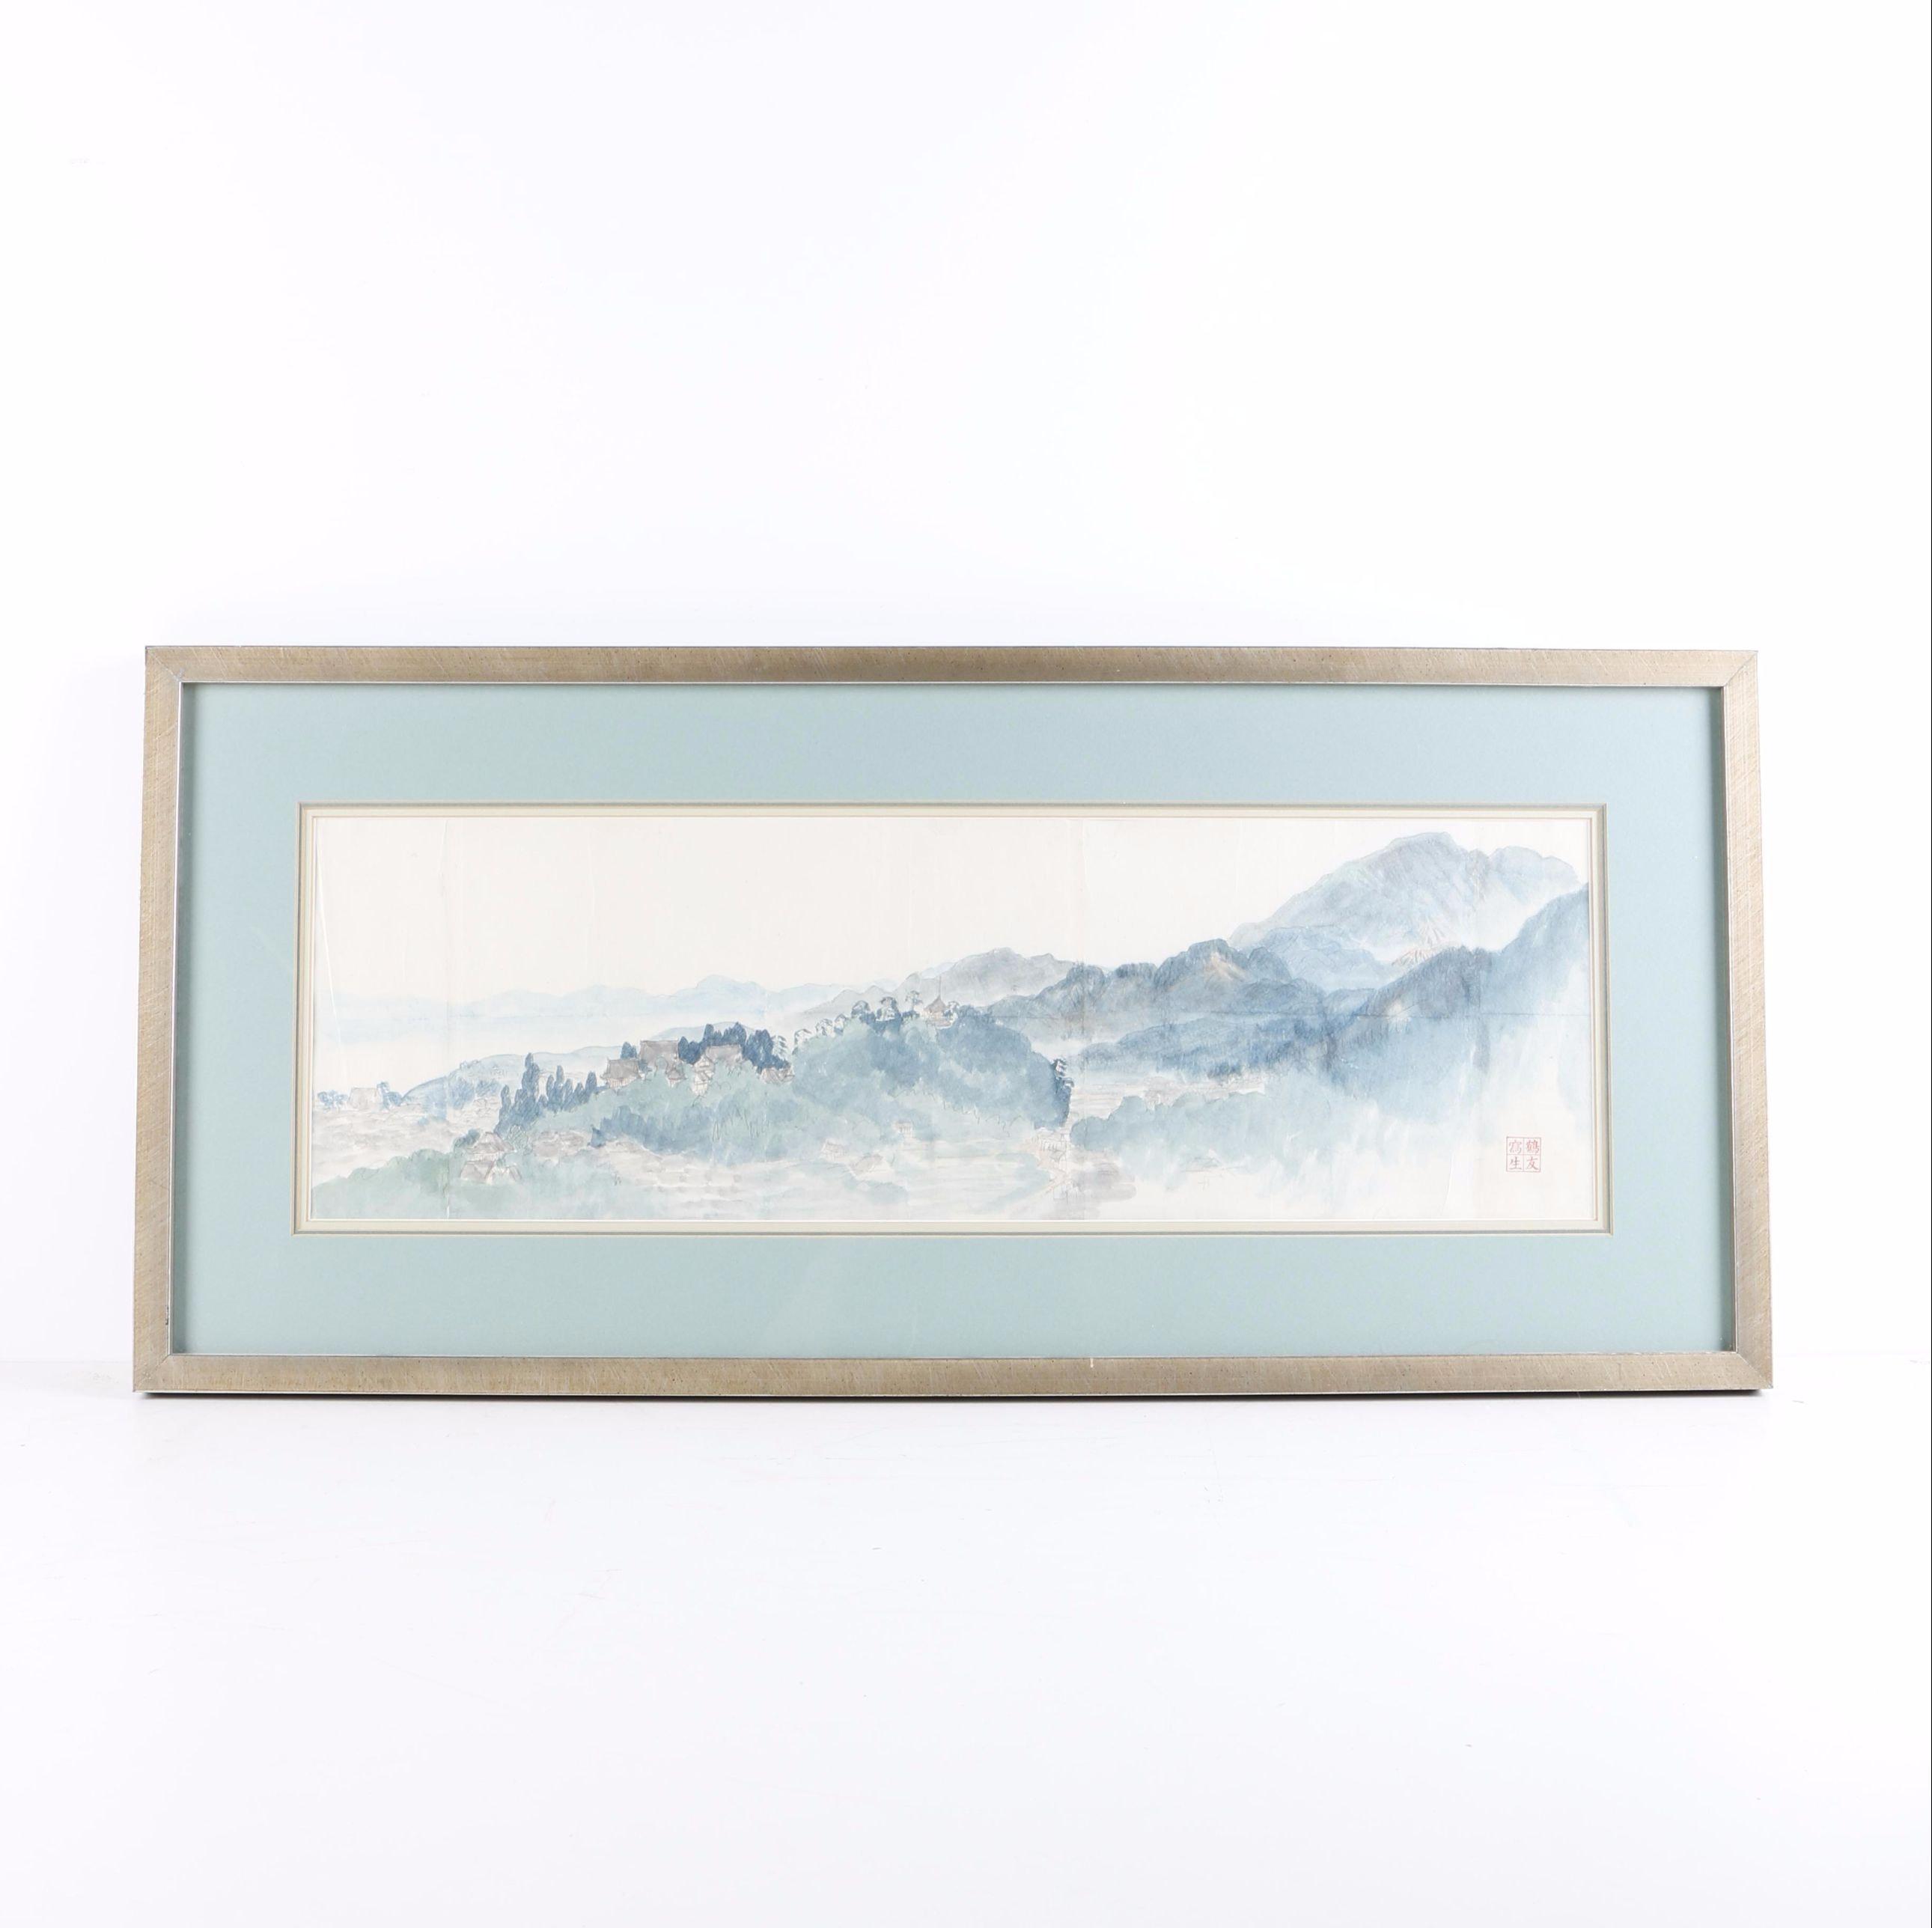 Kakuyu Shoda Watercolor and Graphite on Paper Landscape